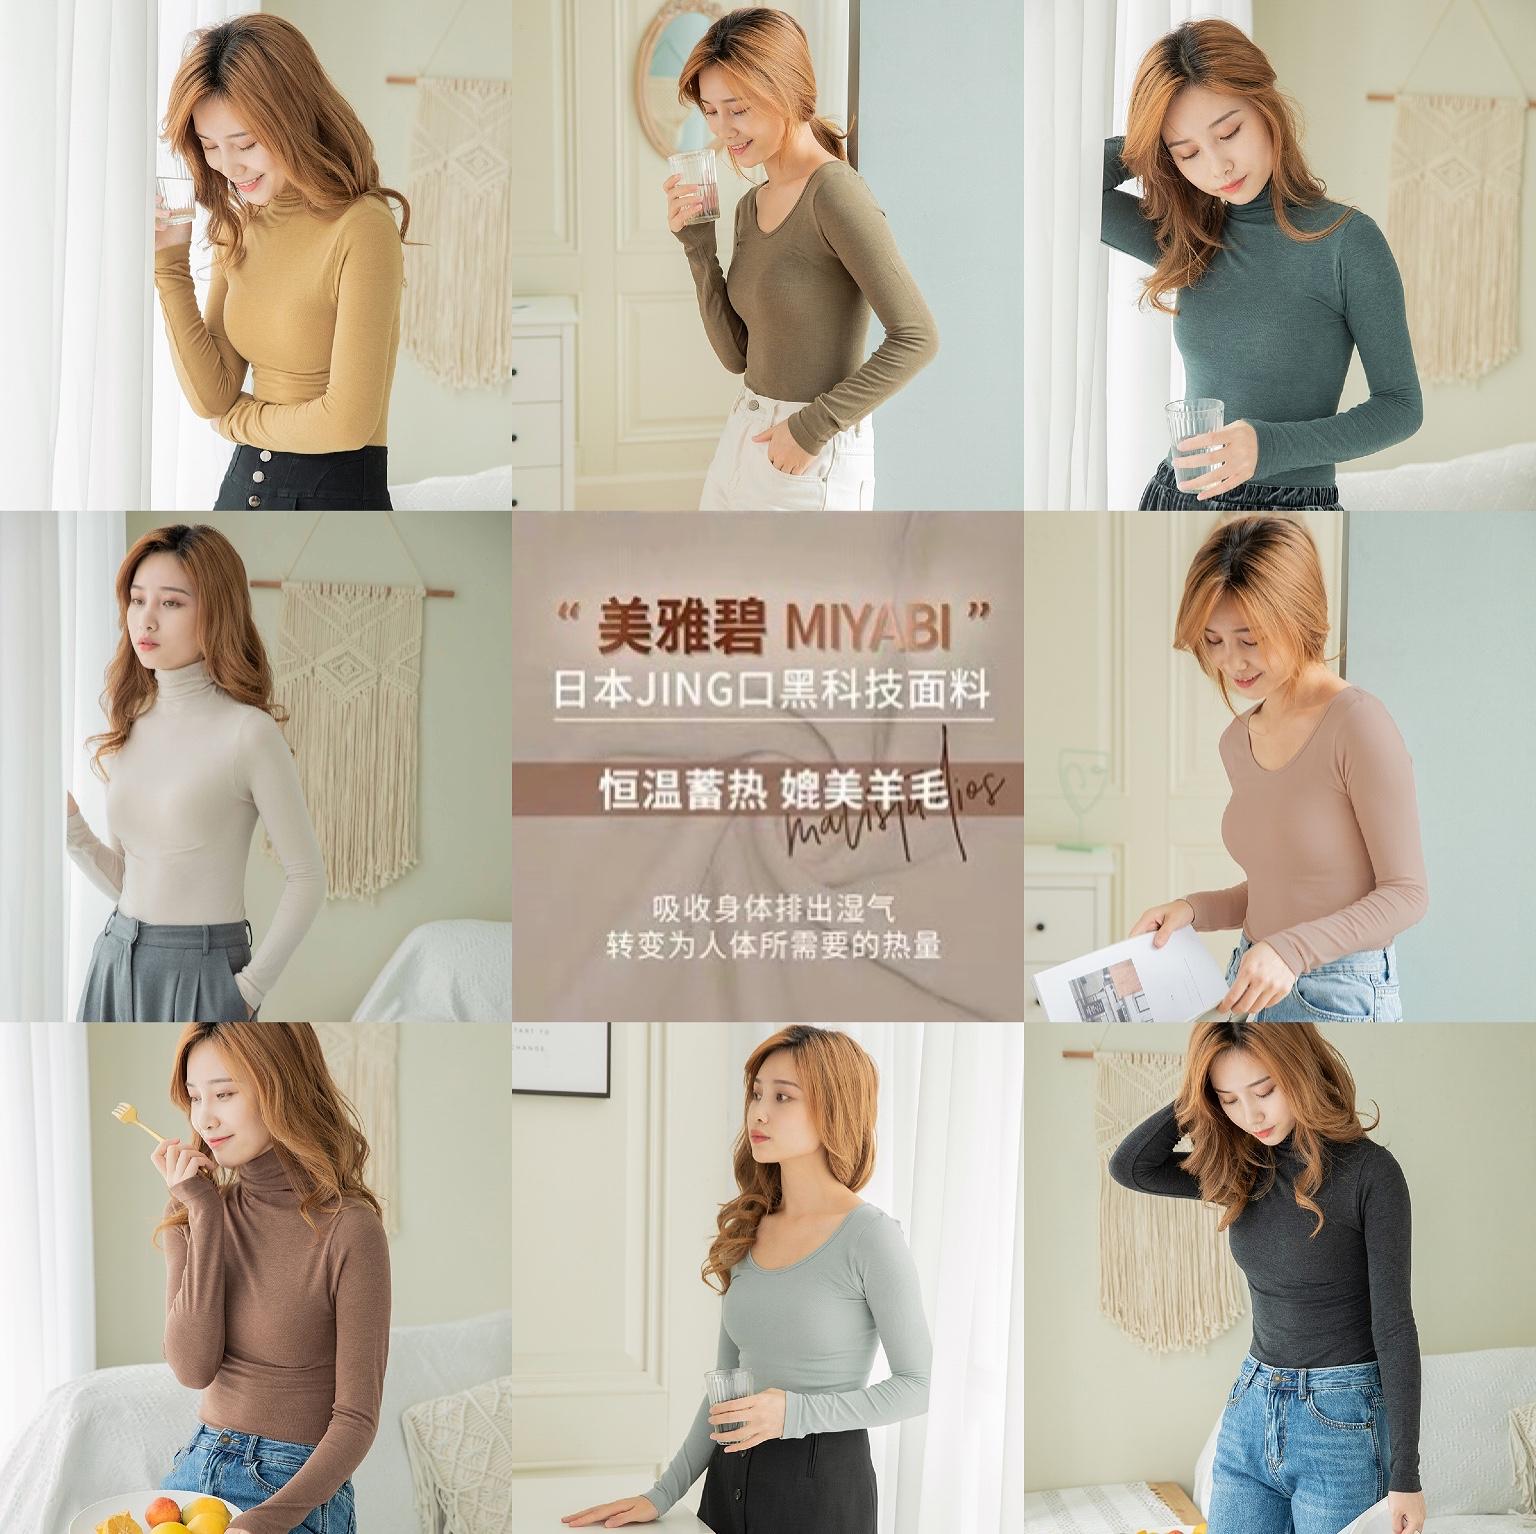 小鹿+NEW   美雅碧日本黑科技秋冬吸湿发热一体成衣打底衫图片